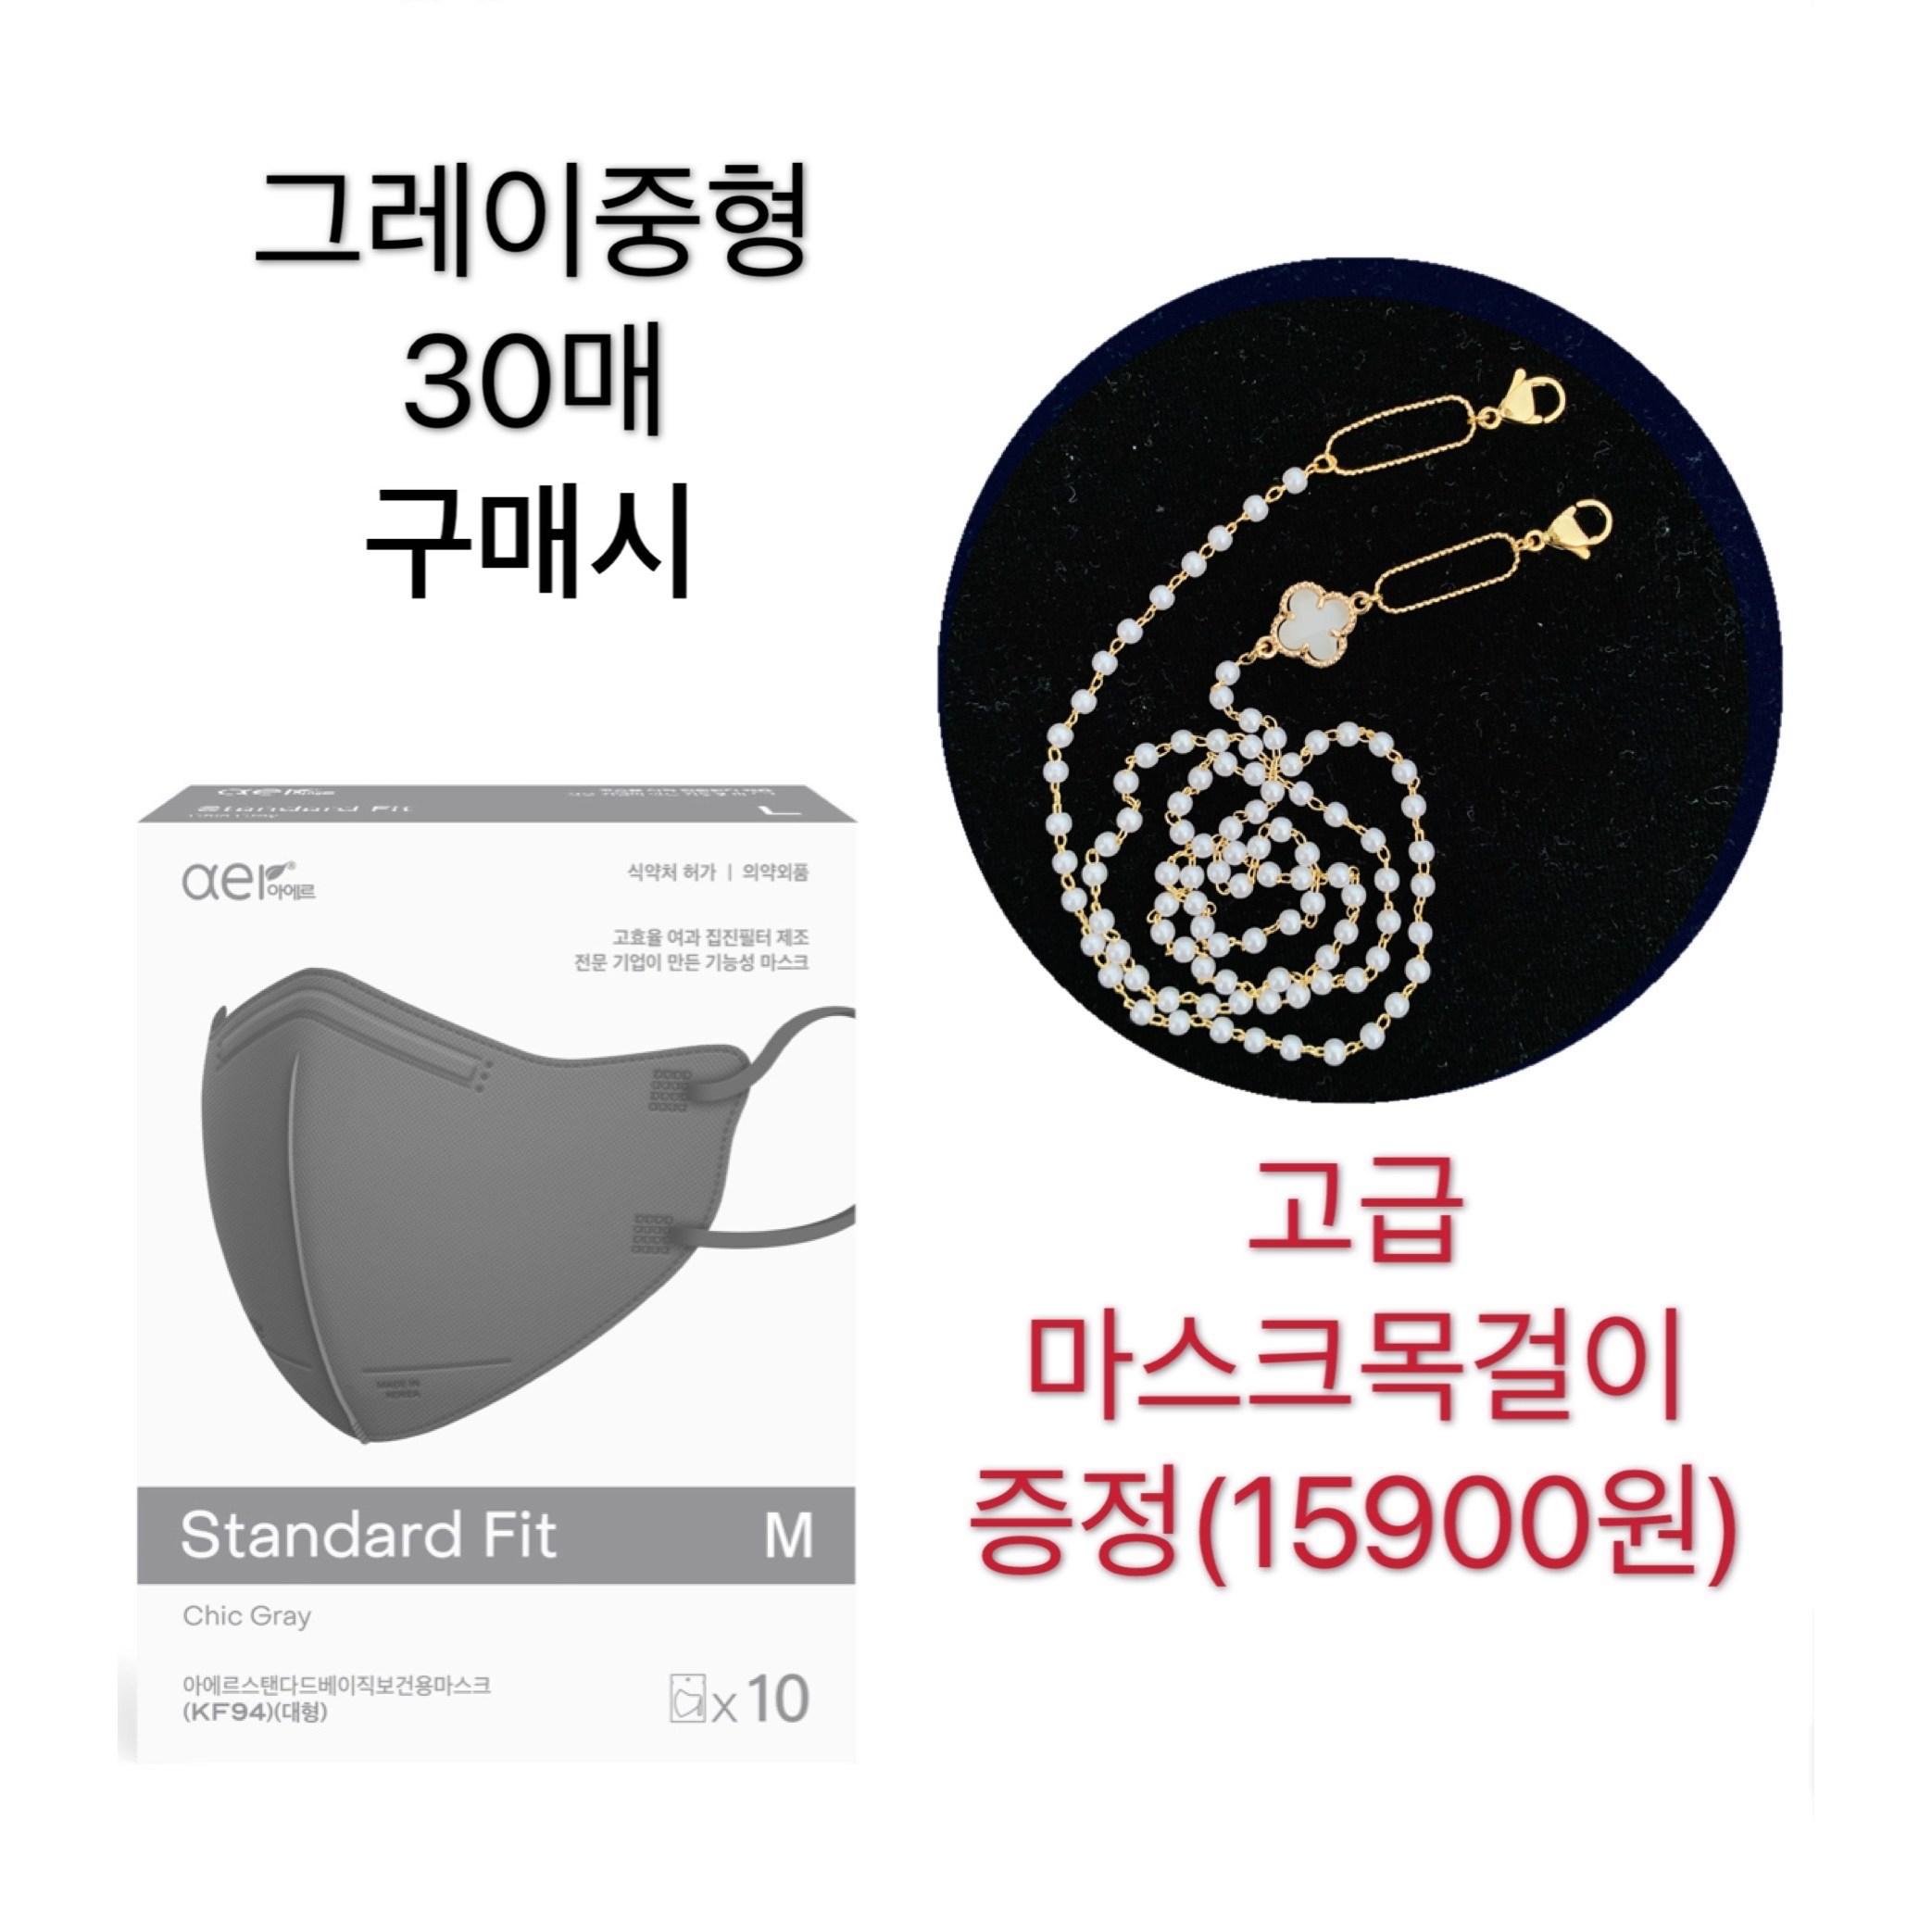 아에르 스탠다드핏 /KF94/그레이 중형/10매 개별포장